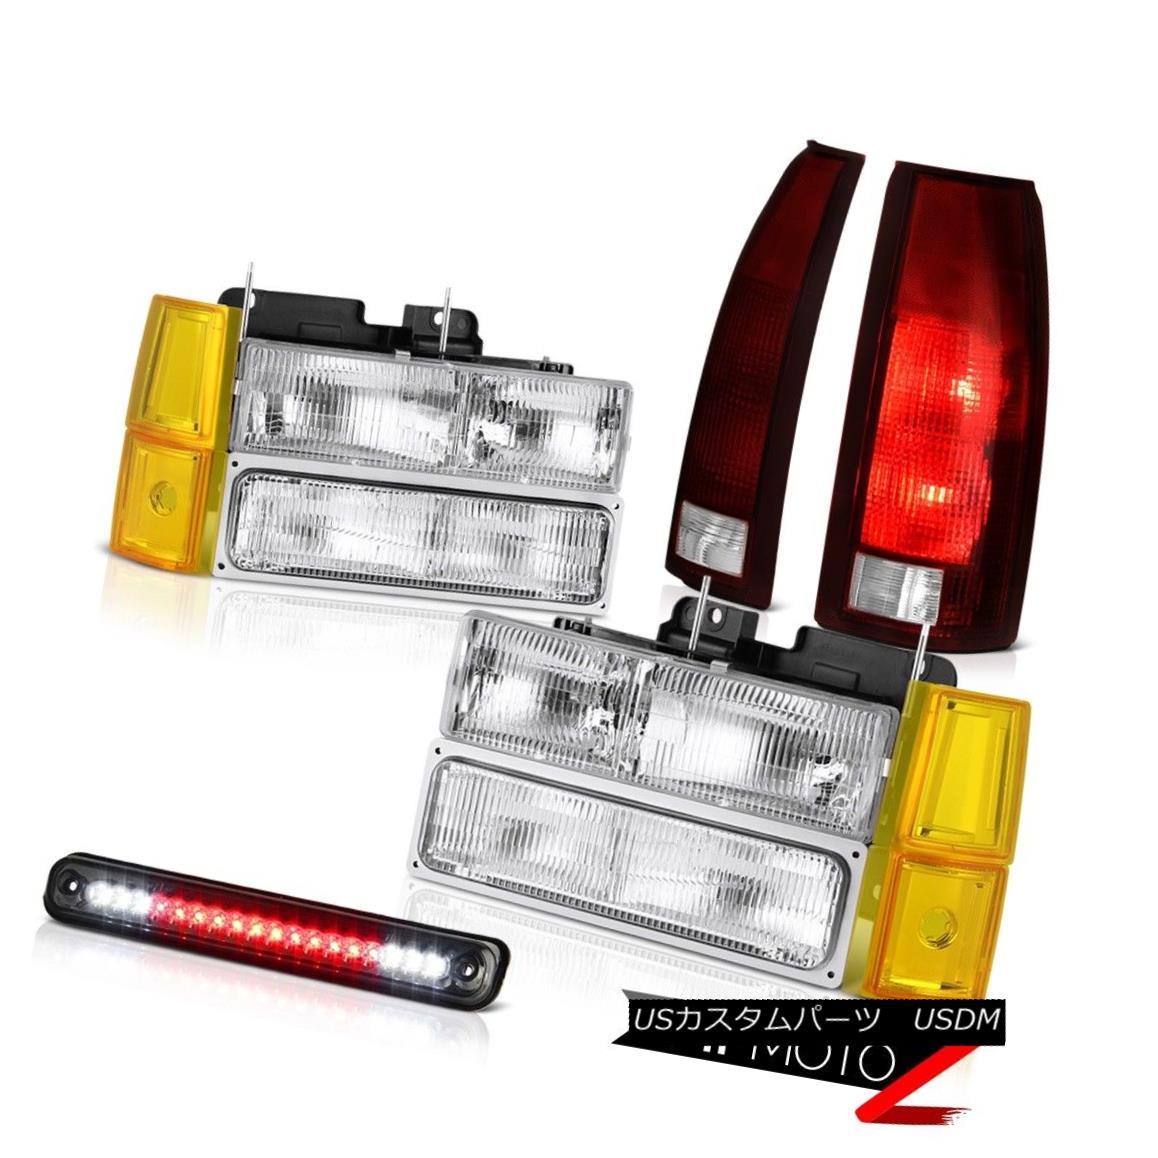 テールライト 94-98 Sierra 3500 Chrome Headlamps Bumper Roof Brake Light Taillamps OE Style 94-98 Sierra 3500クロームヘッドランプバンパールーフブレーキライトタイルランプOEスタイル